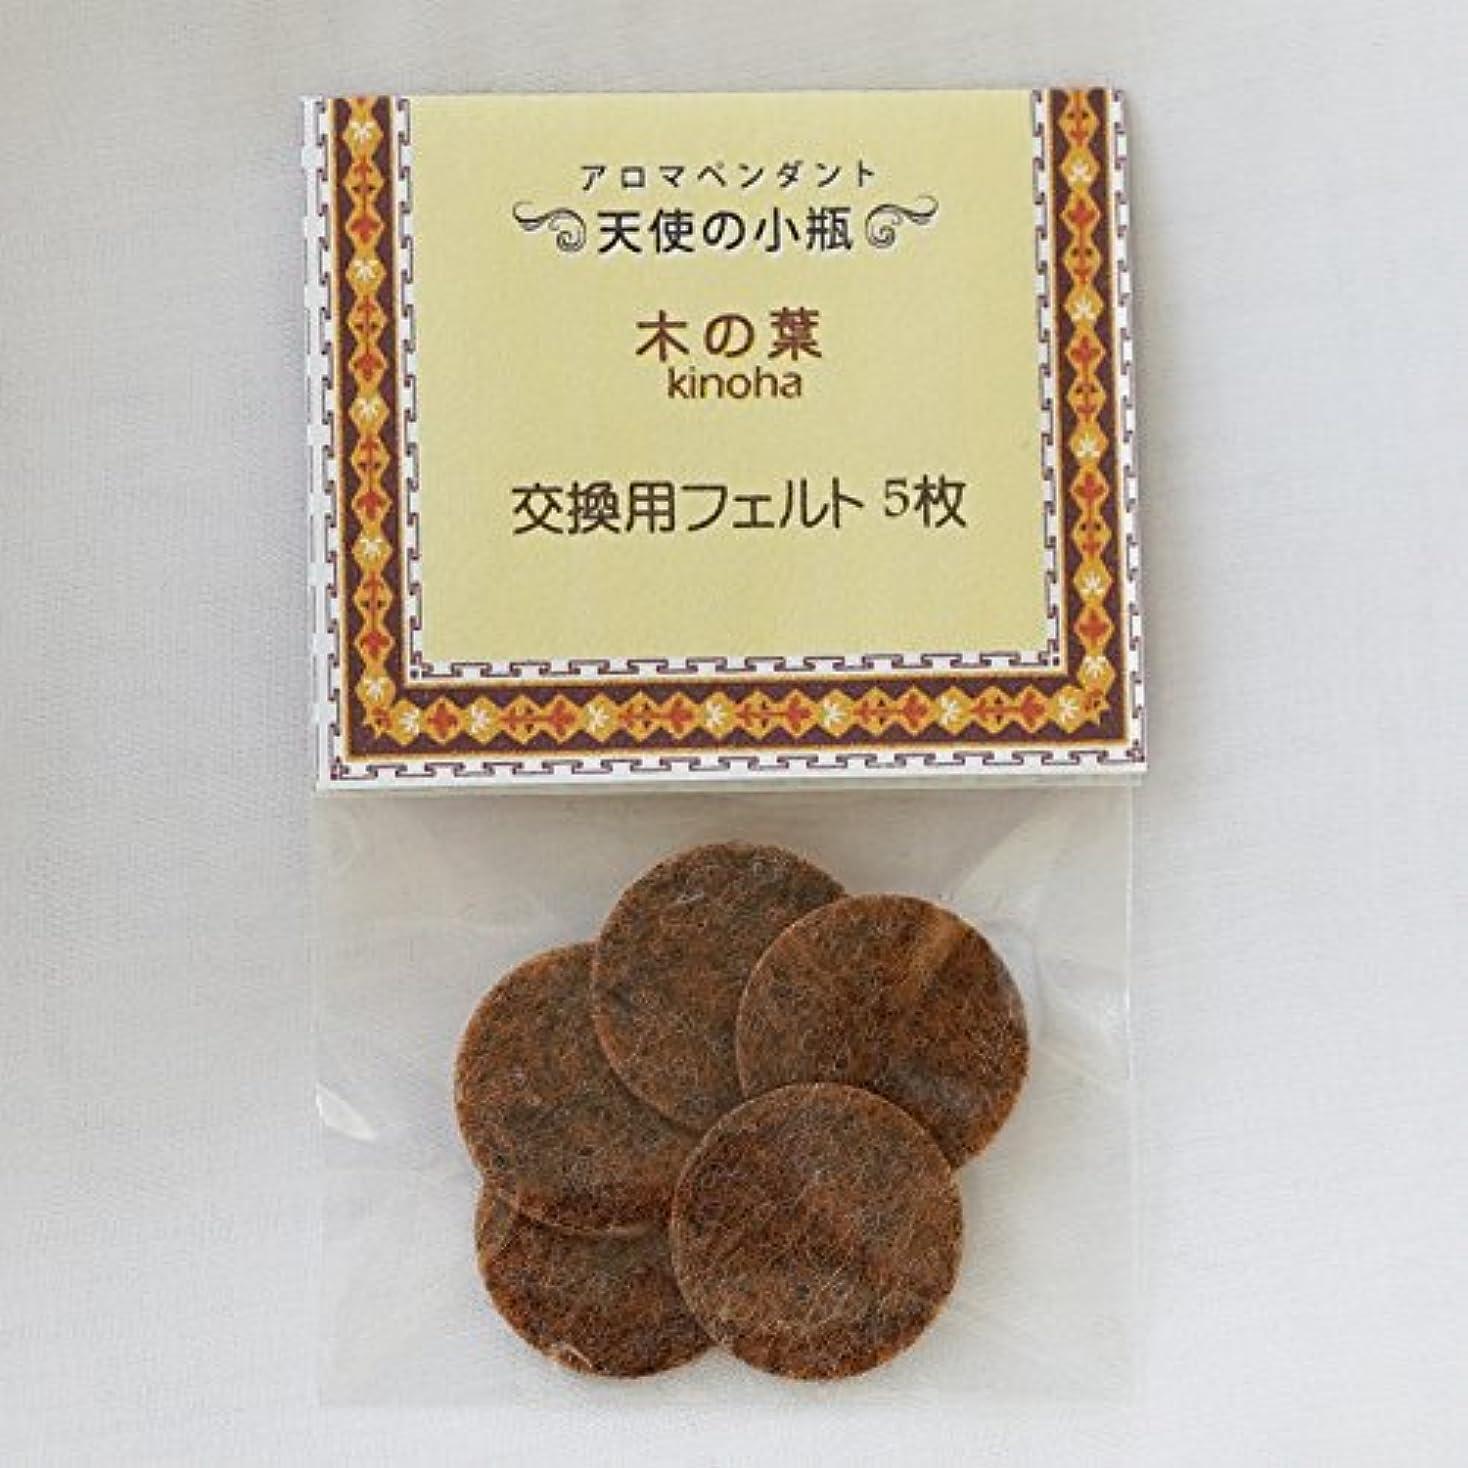 花弁剪断消化器【天使の小瓶】 木の葉(ゴールド)交換用フェルト5枚